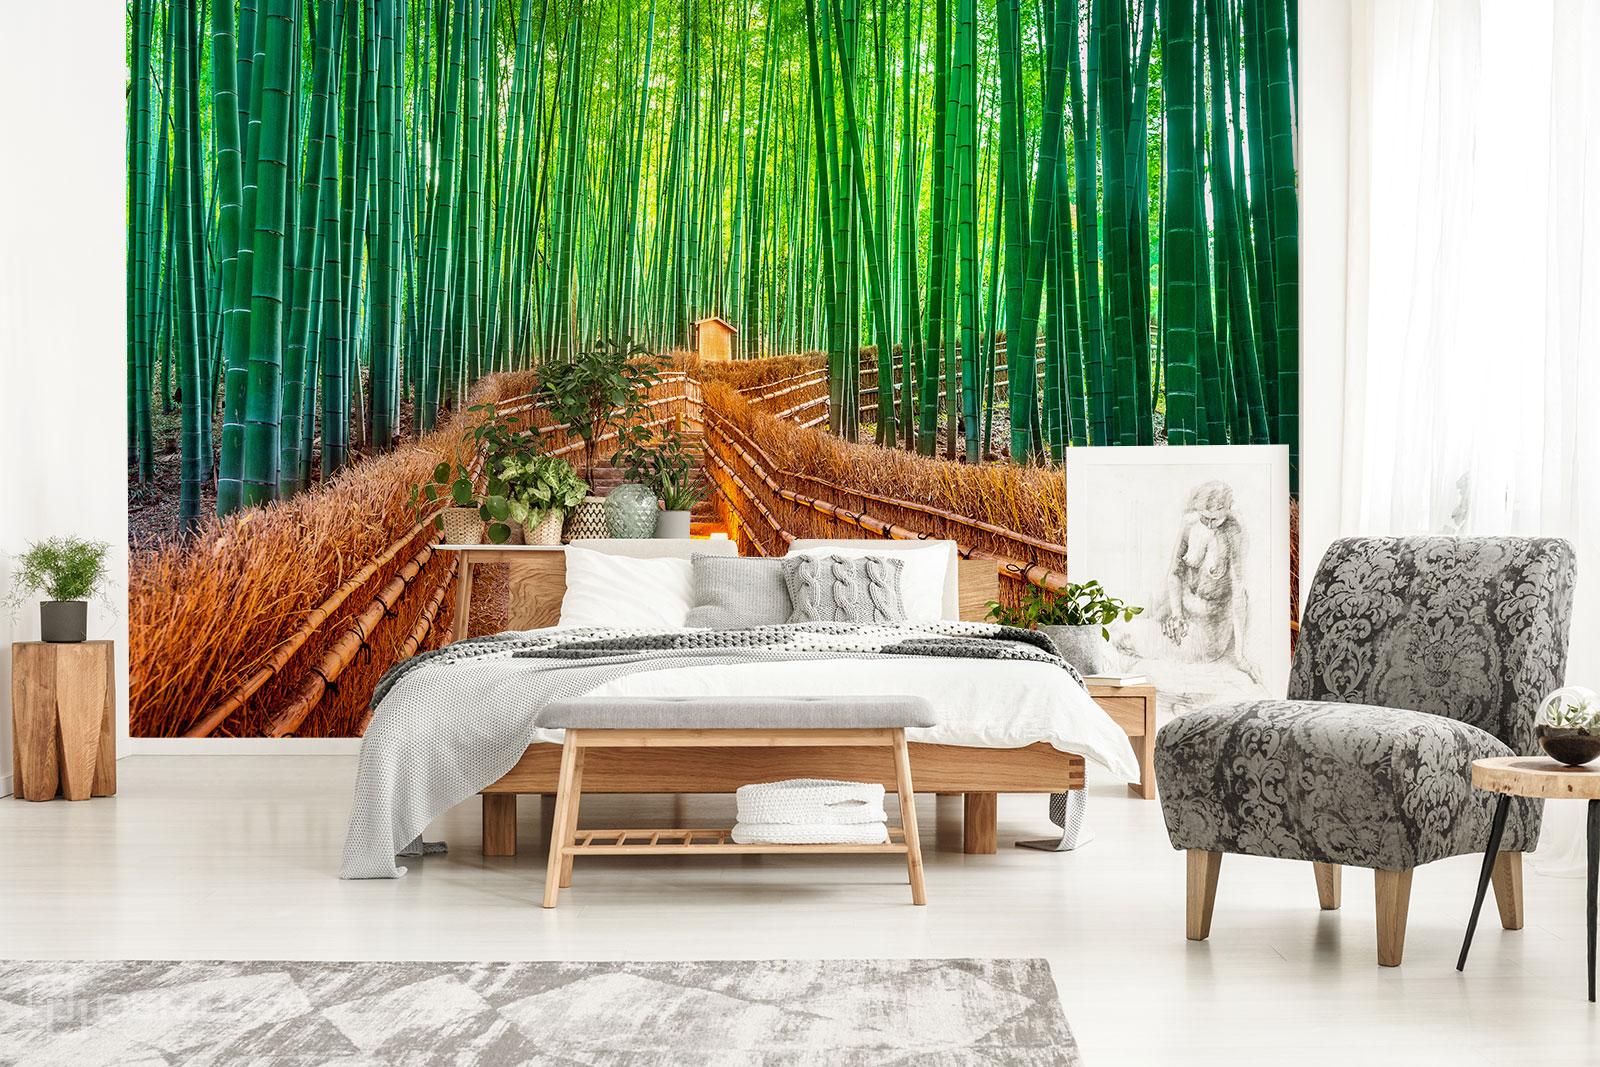 Papier peint Escalier dans une forêt de bambous - Papier peint bambou - Demural